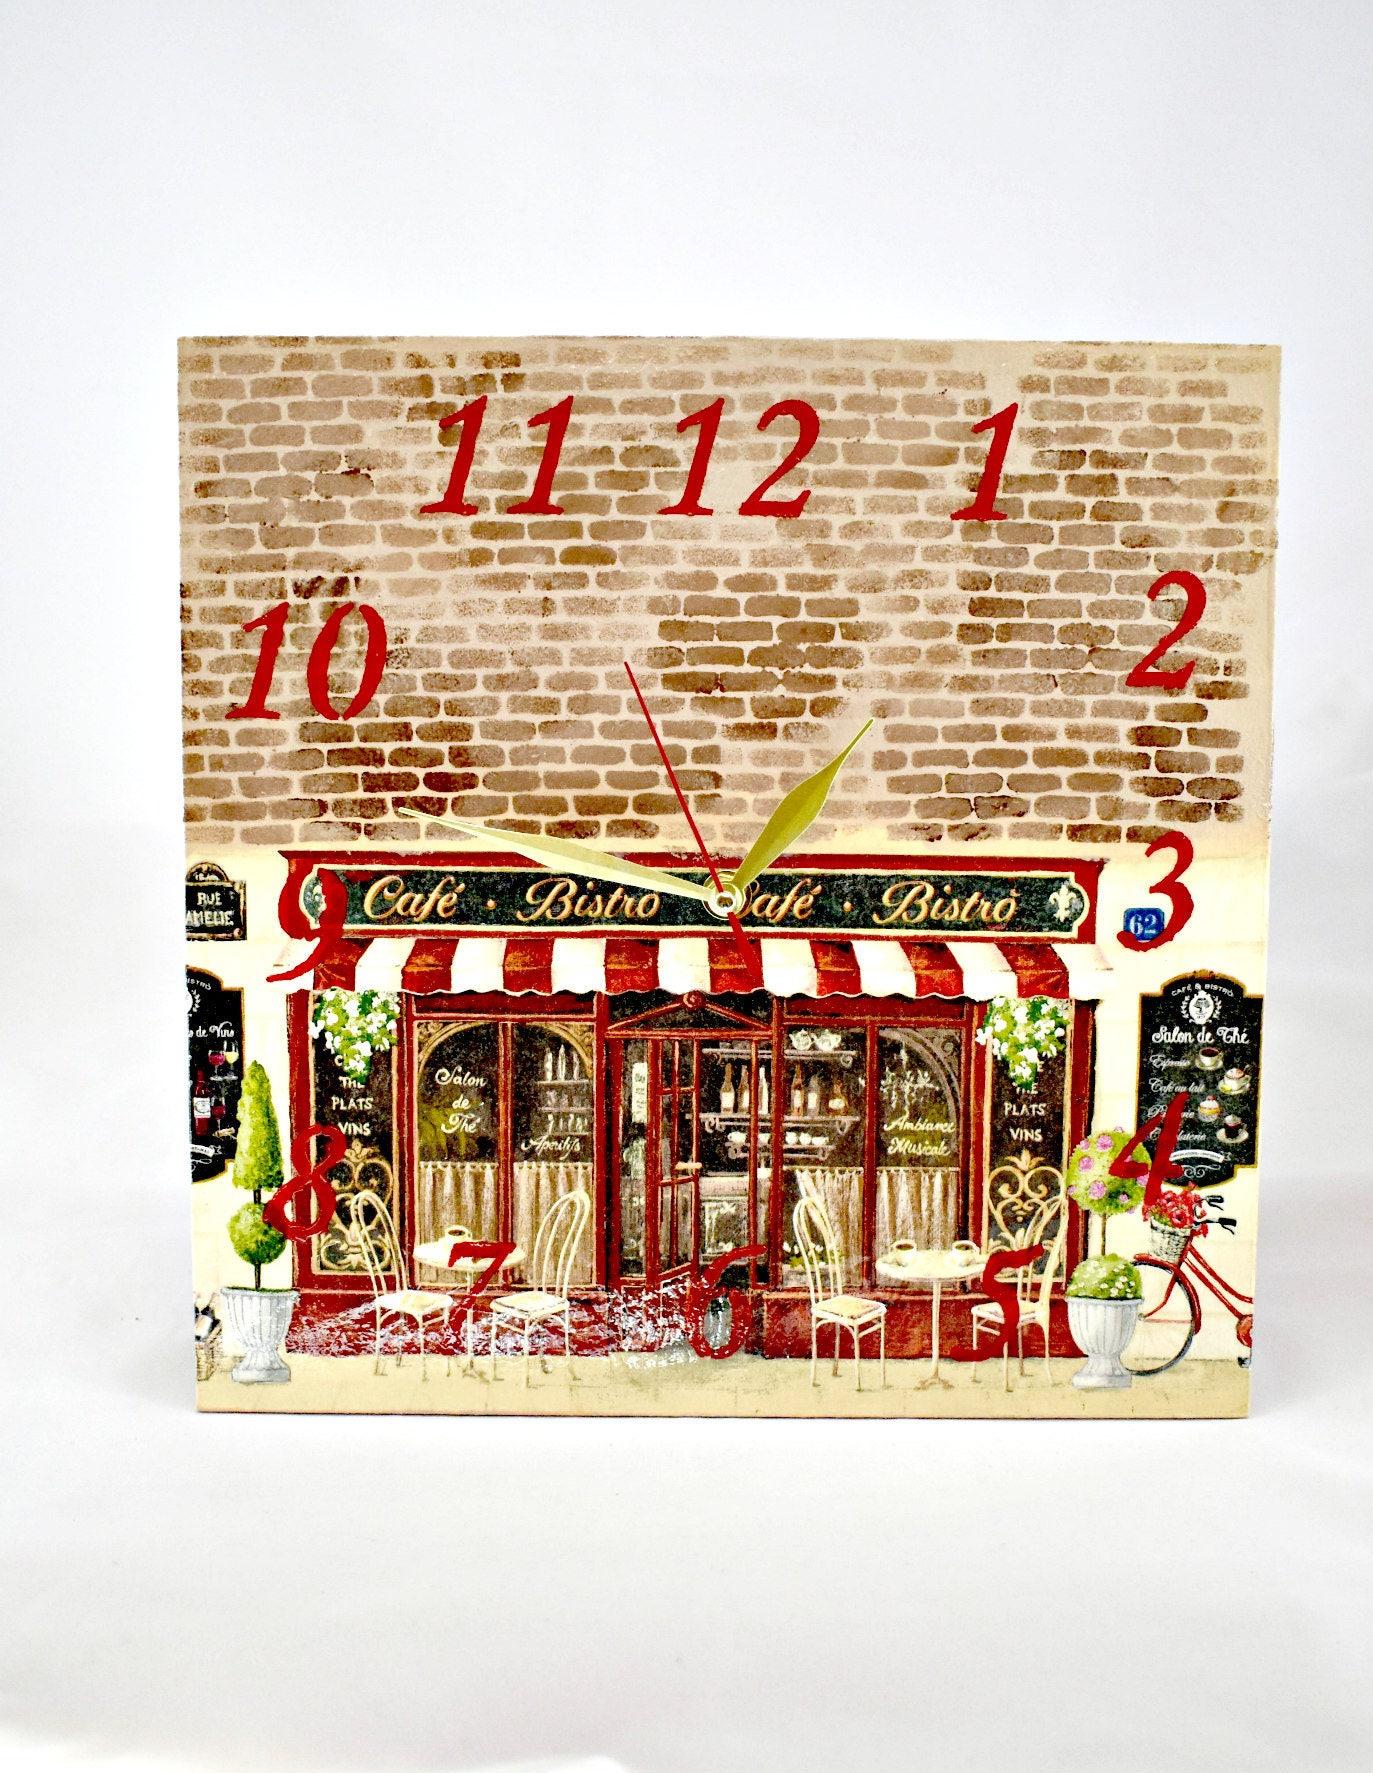 Wanduhr Bistro Cafe / Wand Uhr Bild Dekor / Vintage Dekor | Etsy